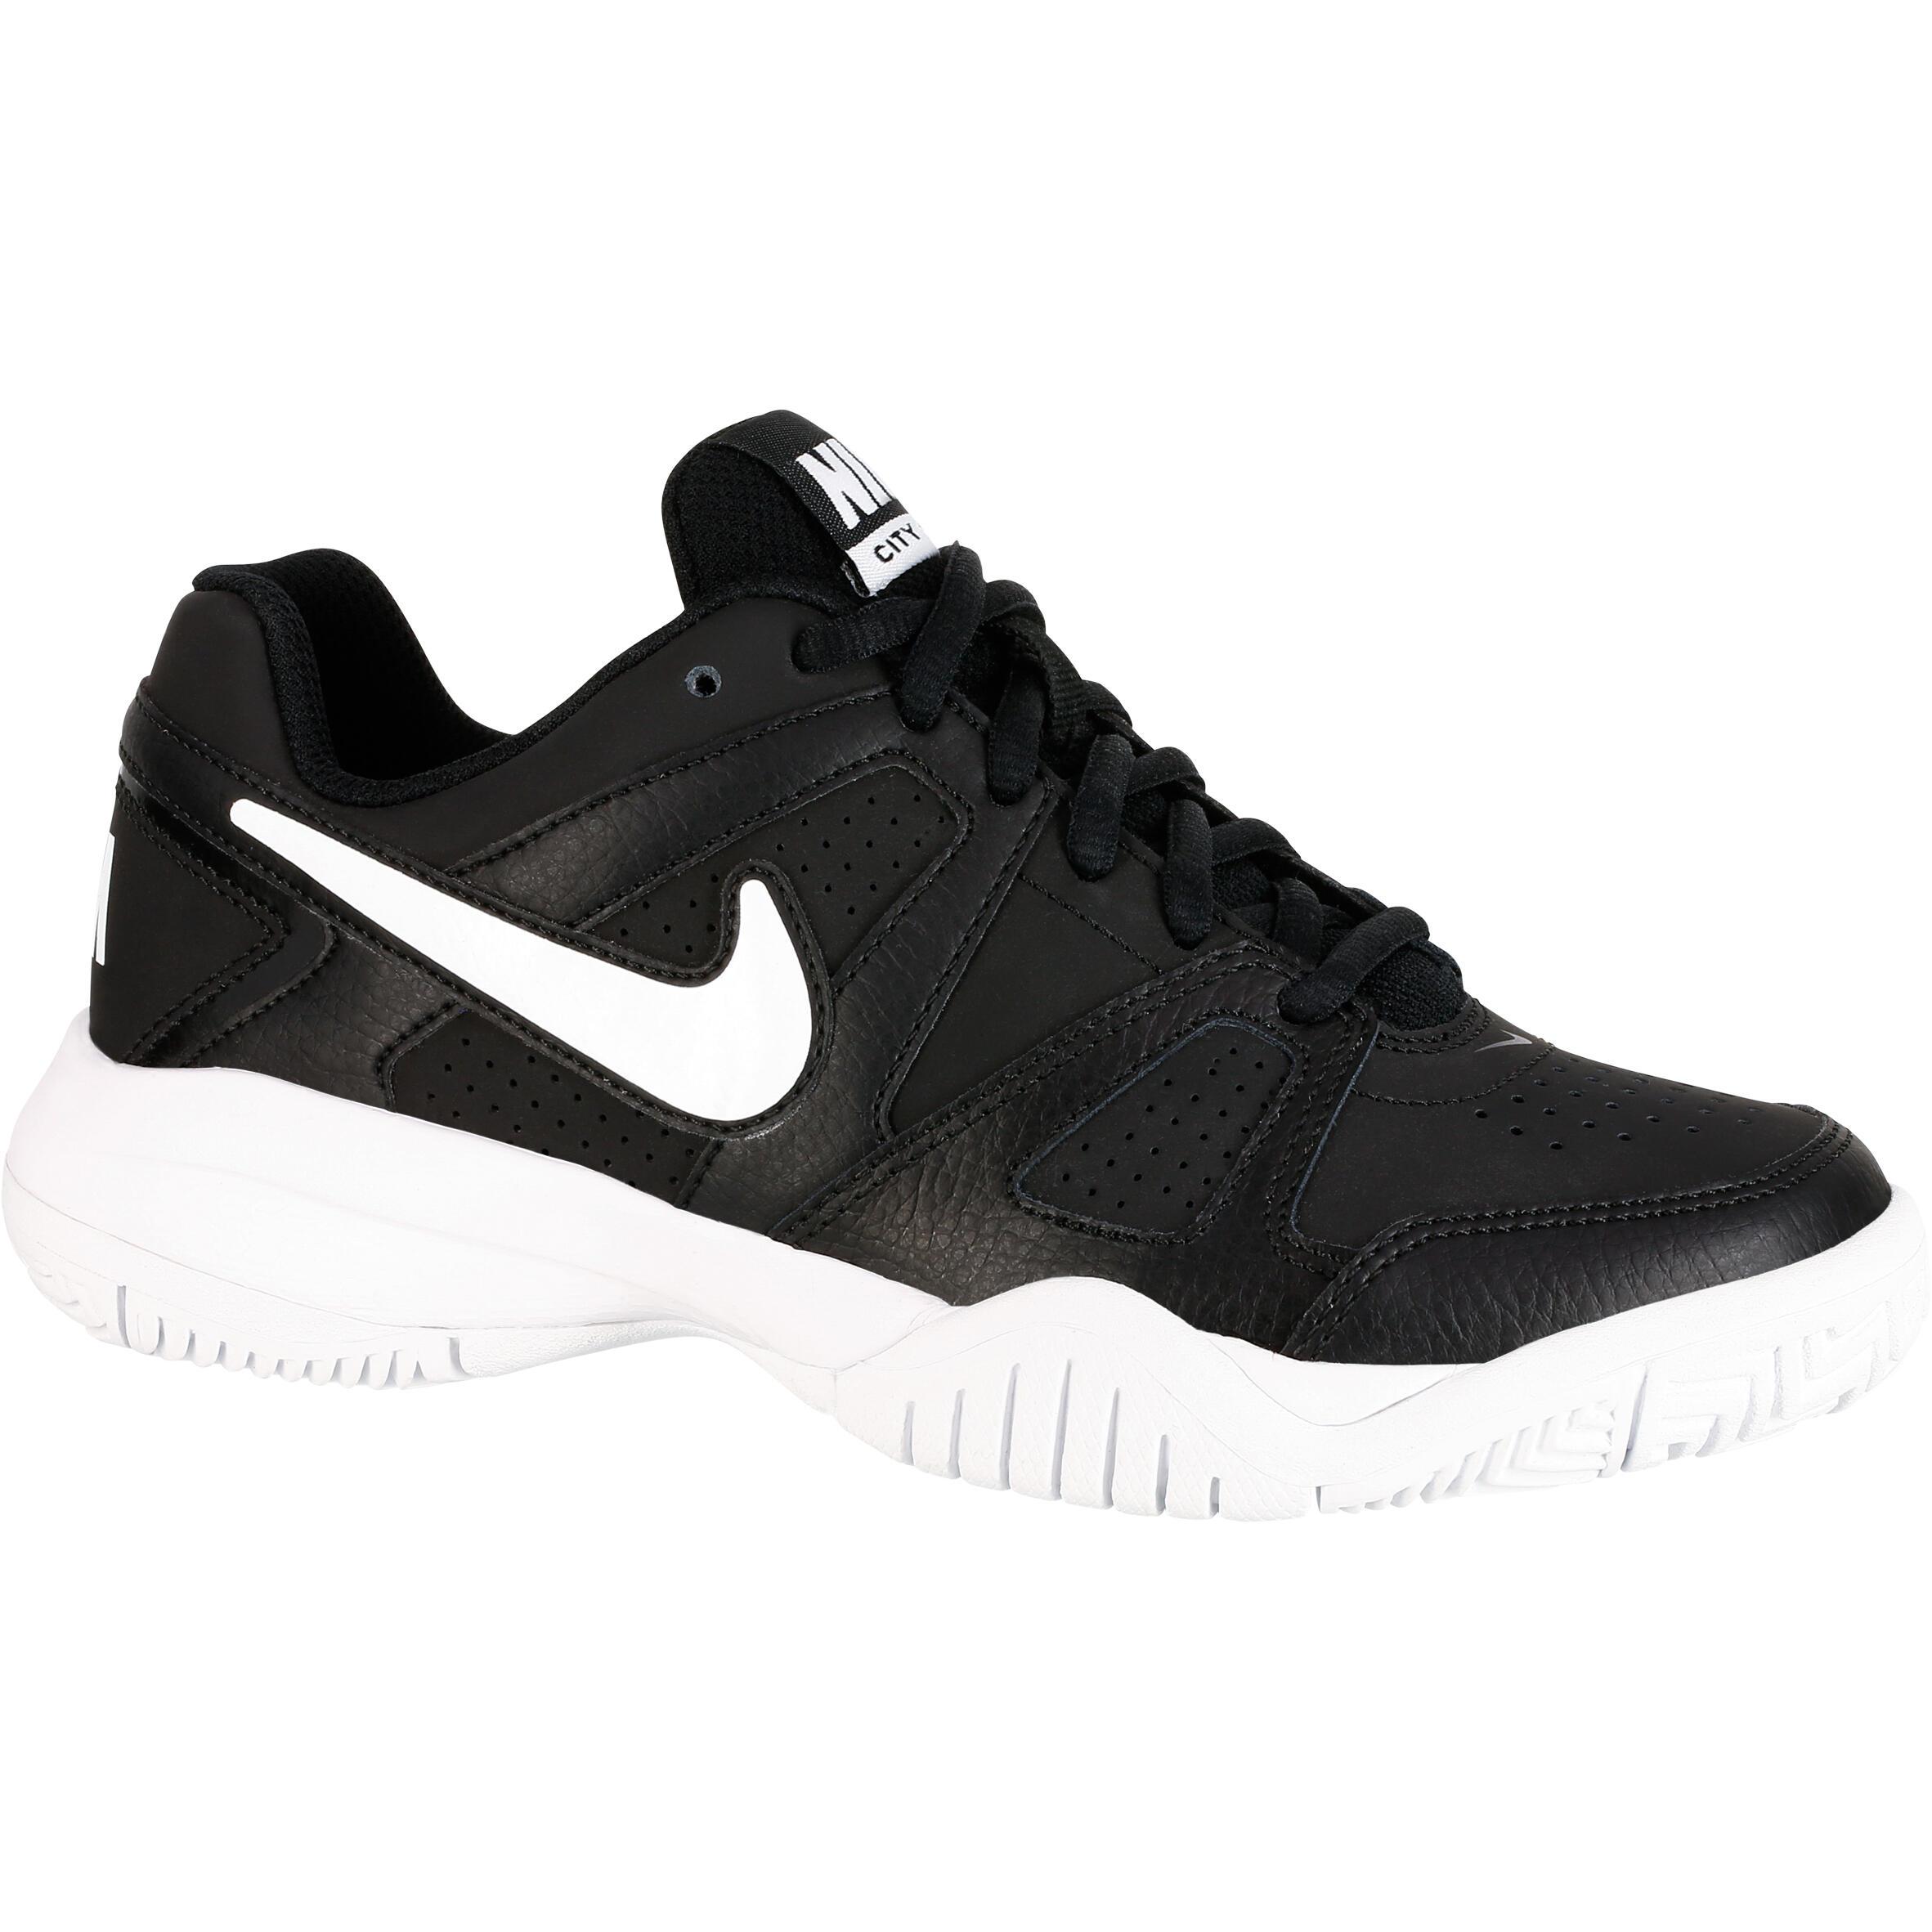 0ce0038a7f9 Comprar Zapatillas Escolares para Niños Online